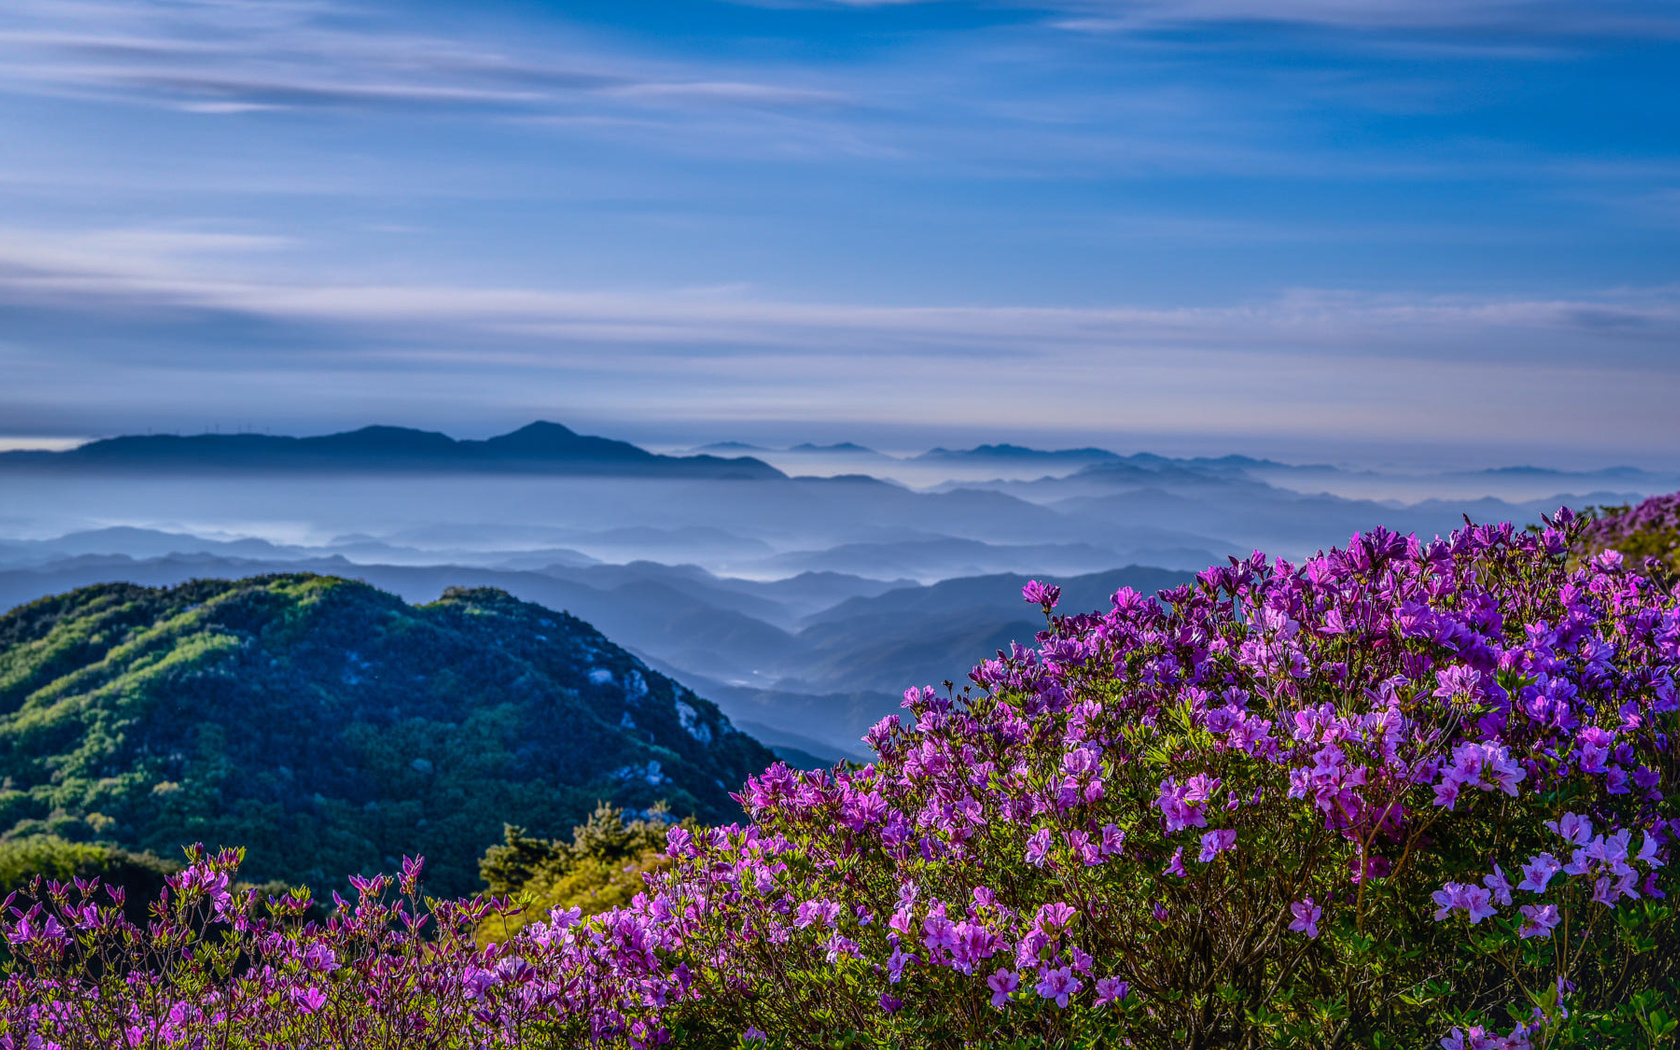 природа, пейзаж, корея, горы, hwangmaesan, туман, облака, цветы, азалия, рододендроны